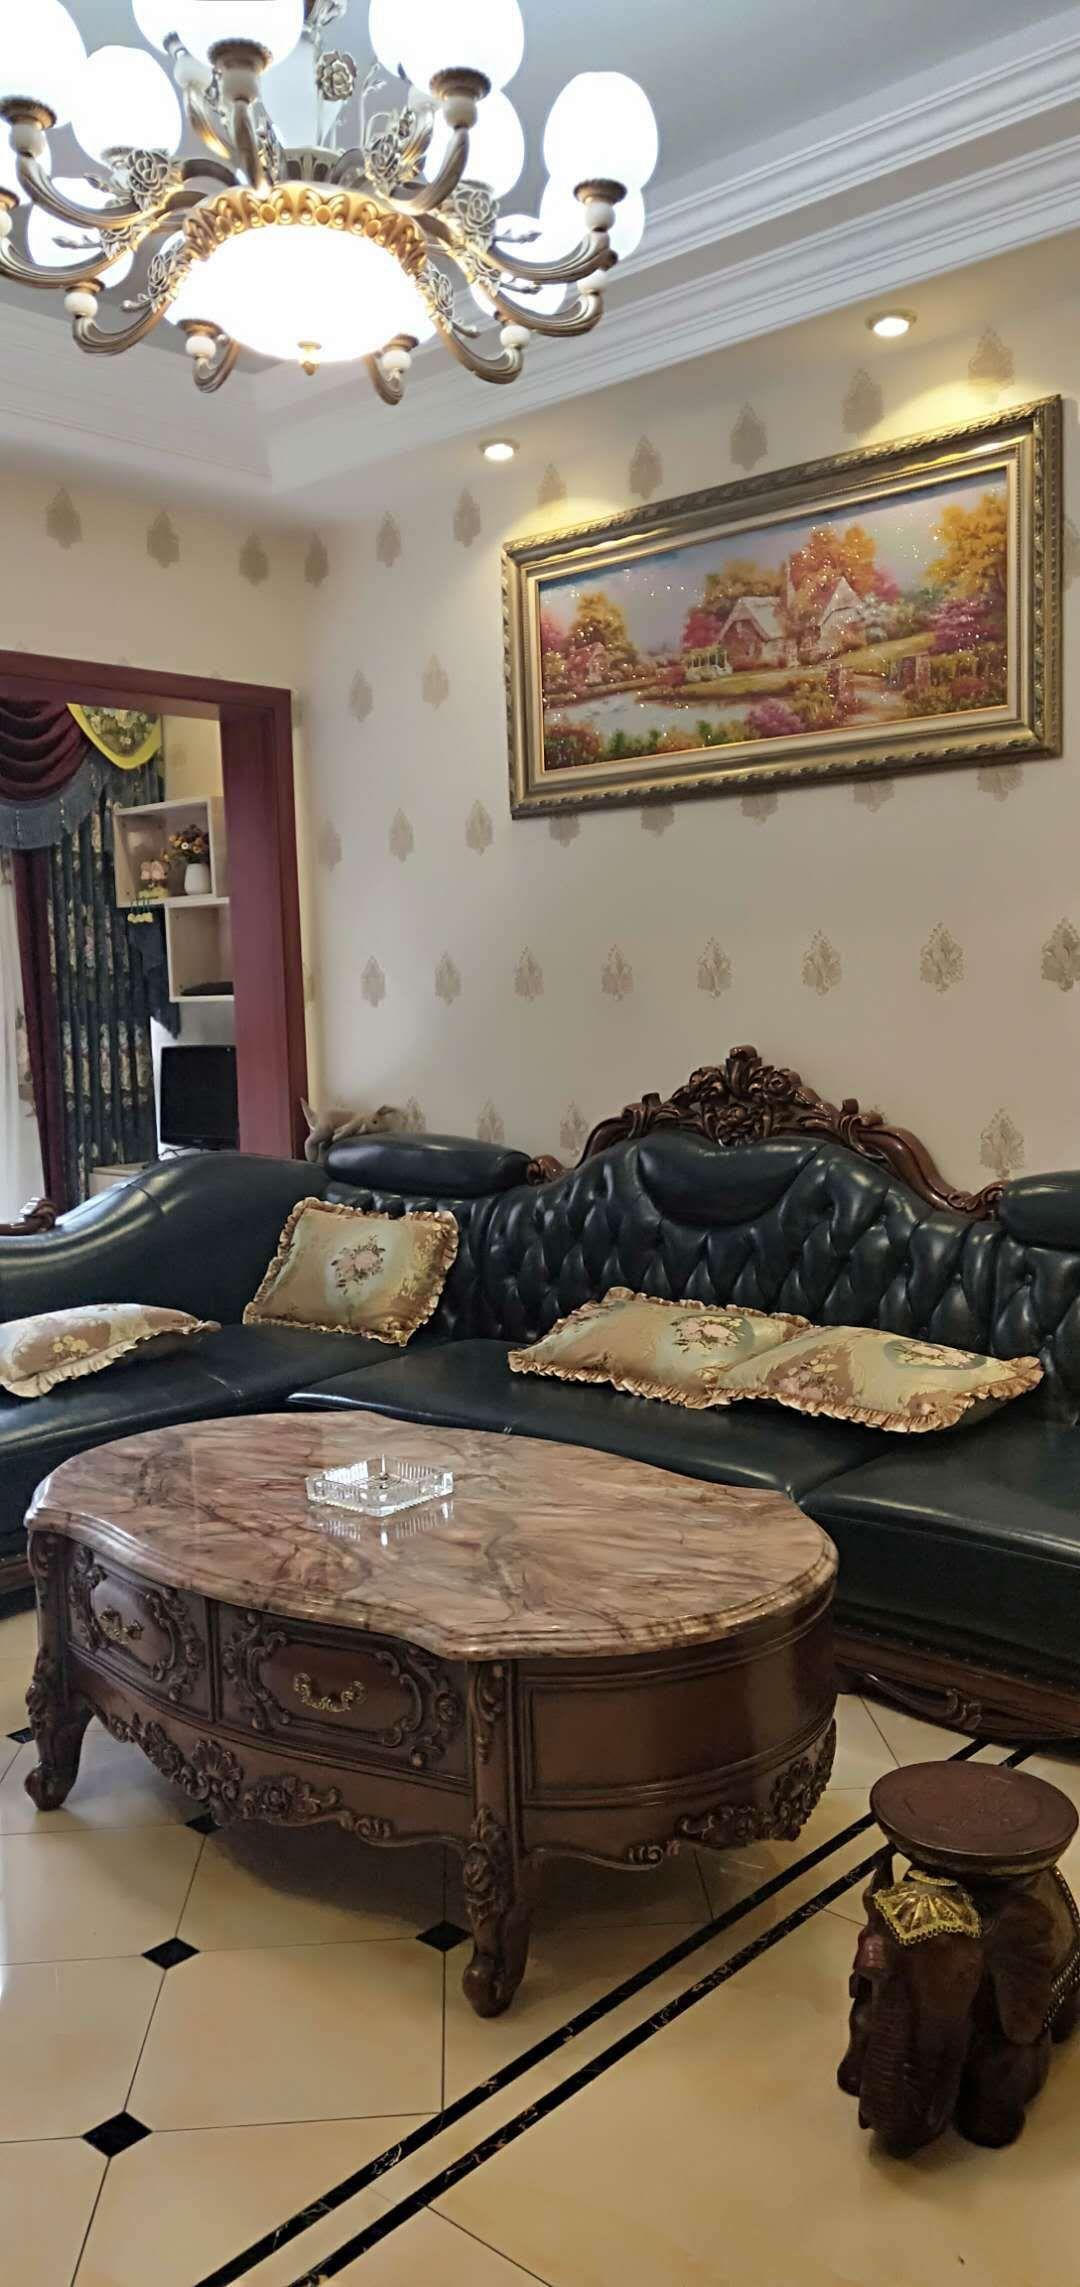 国维·中央府邸3室 2厅 1卫75万元